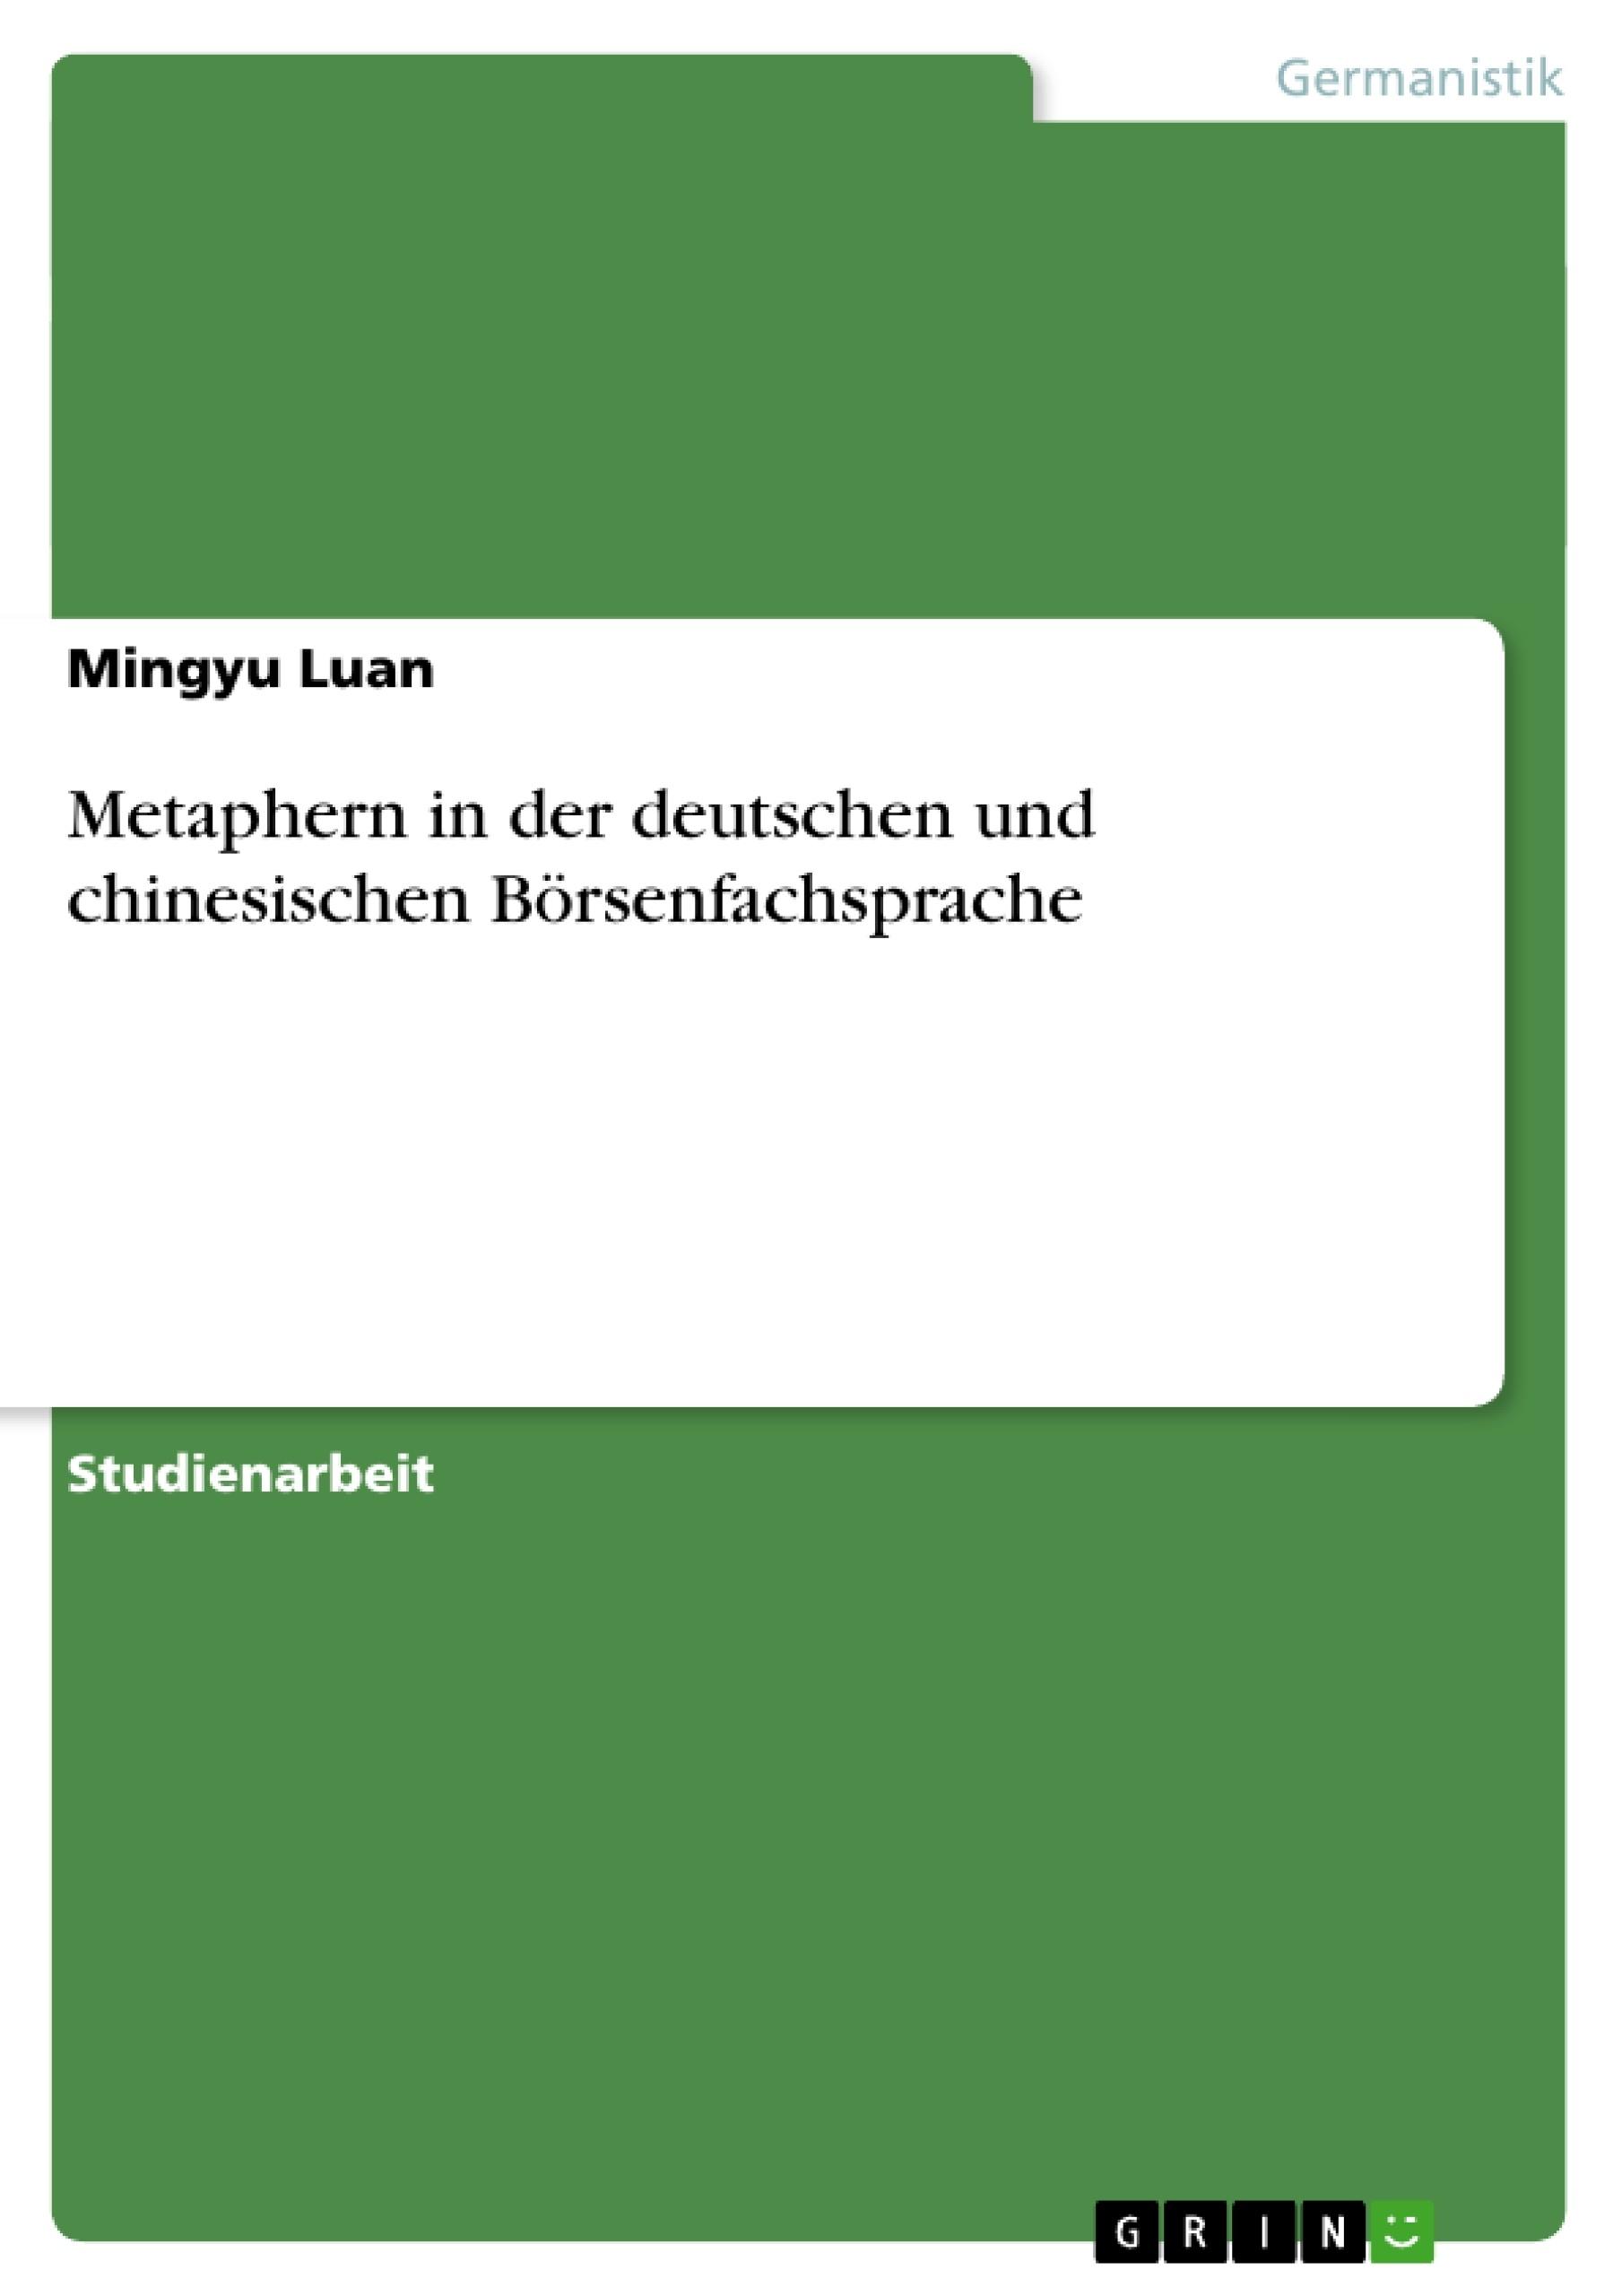 Titel: Metaphern in der deutschen und chinesischen Börsenfachsprache